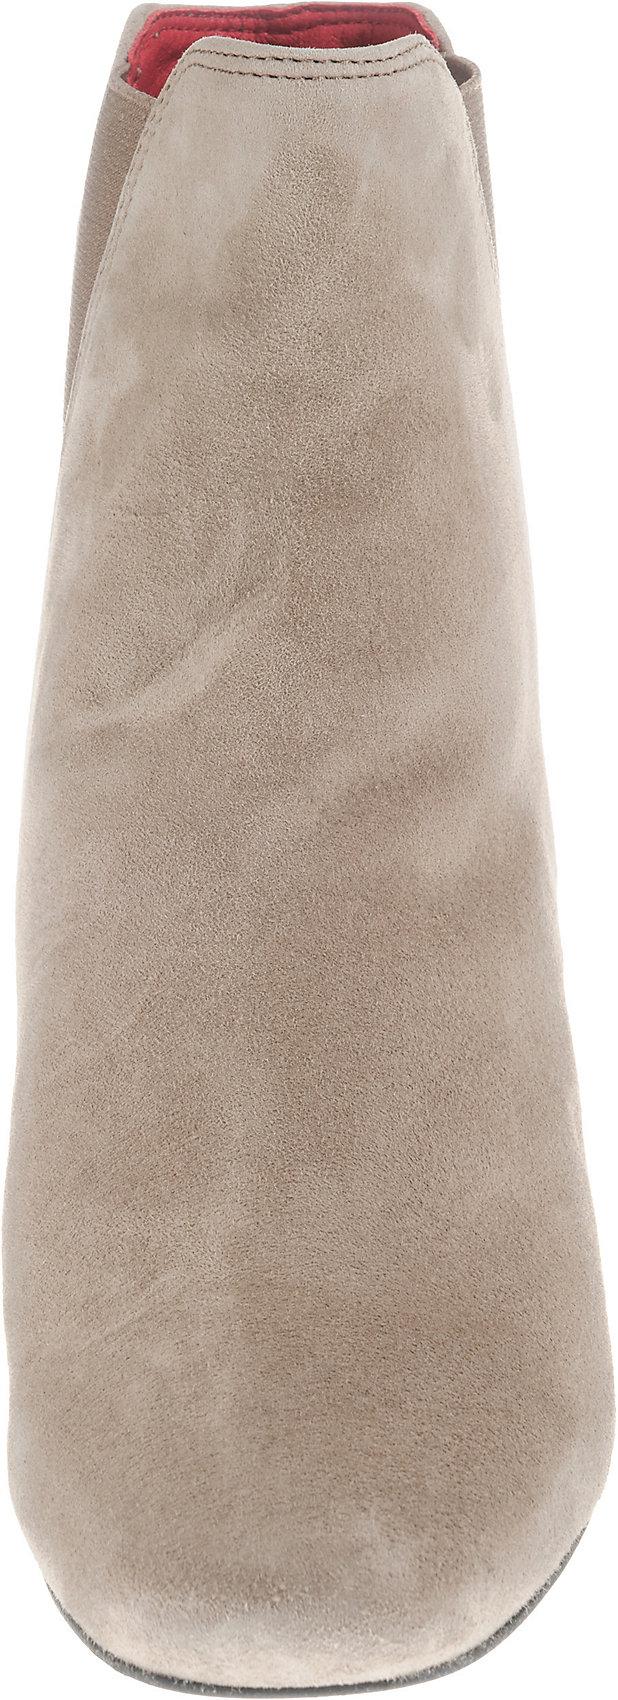 Damen Stiefeletten Details Neu 8760939 Klassische Beige Buffalo Für Zu O0wynvmN8